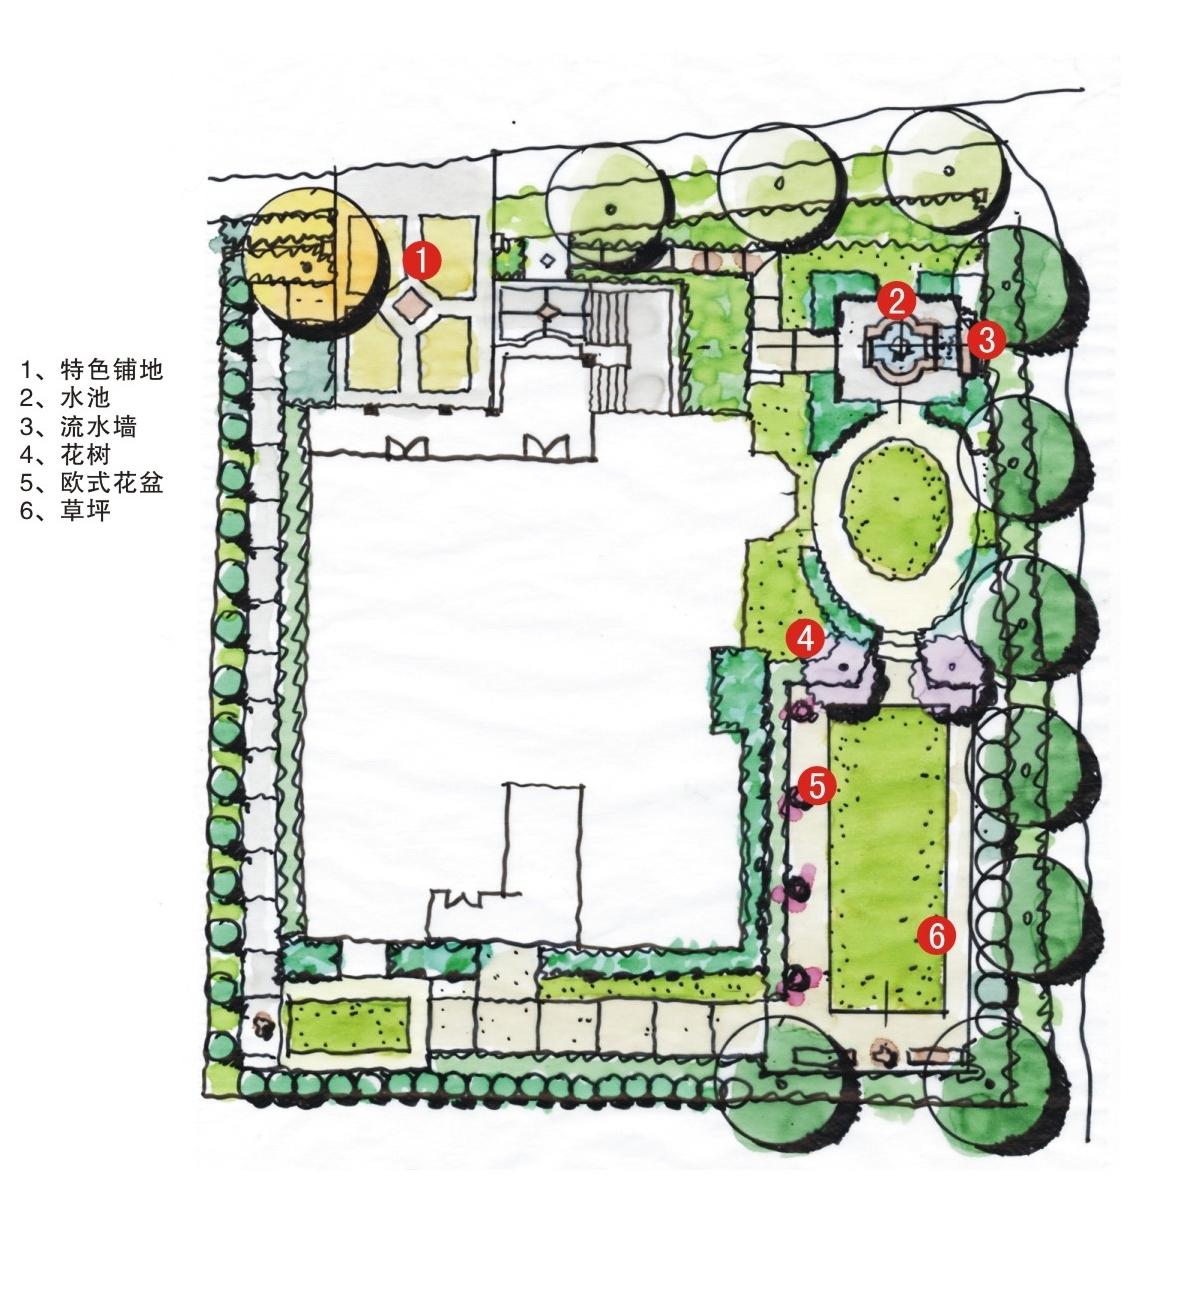 私家花园设计2 - 江西别墅庭院设计,南昌园林景观设计